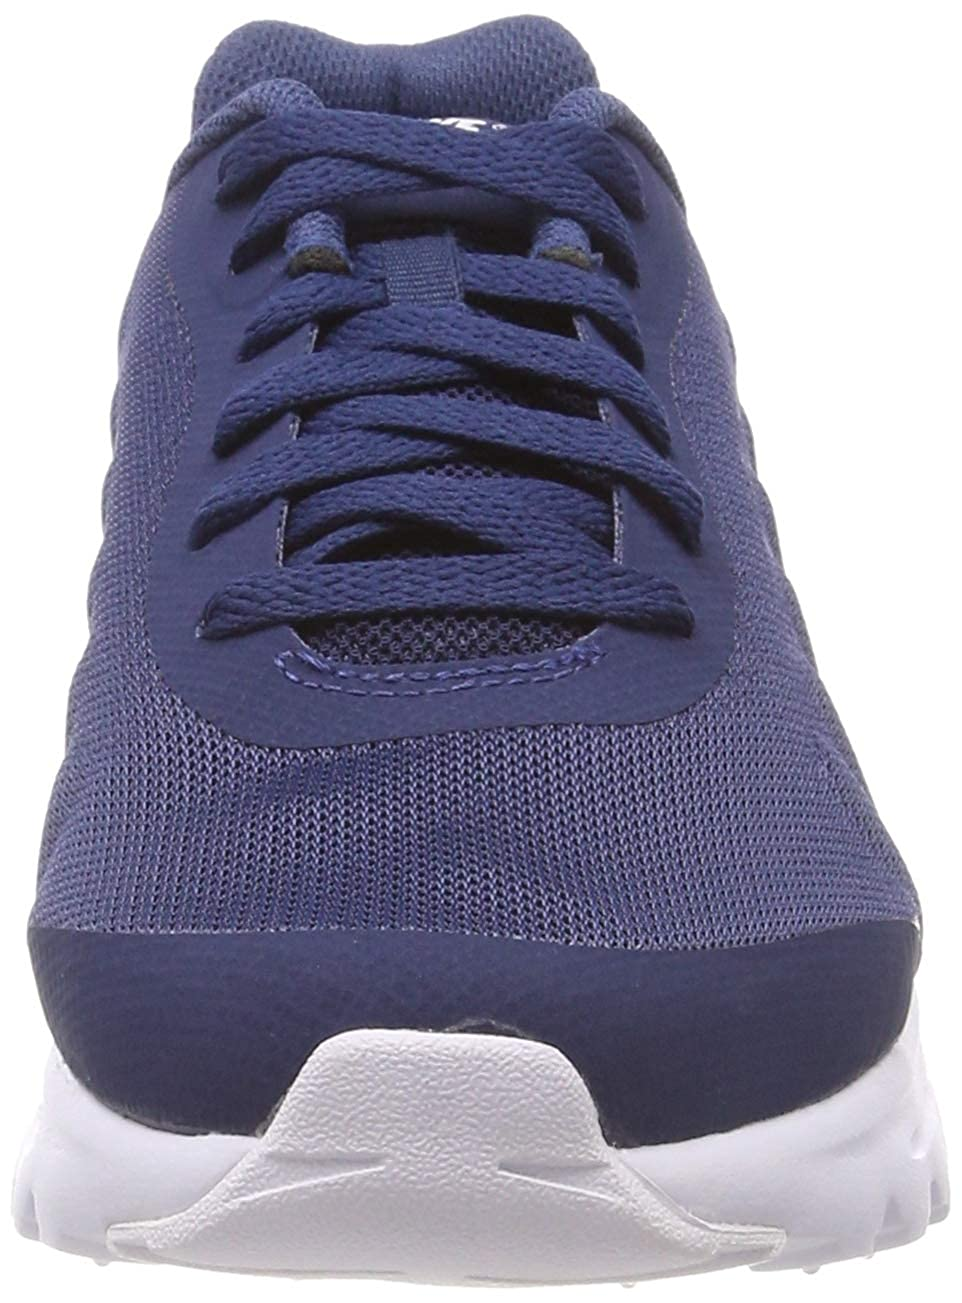 Gs Nike Boys/' Air Max Invigor Low-Top Sneakers